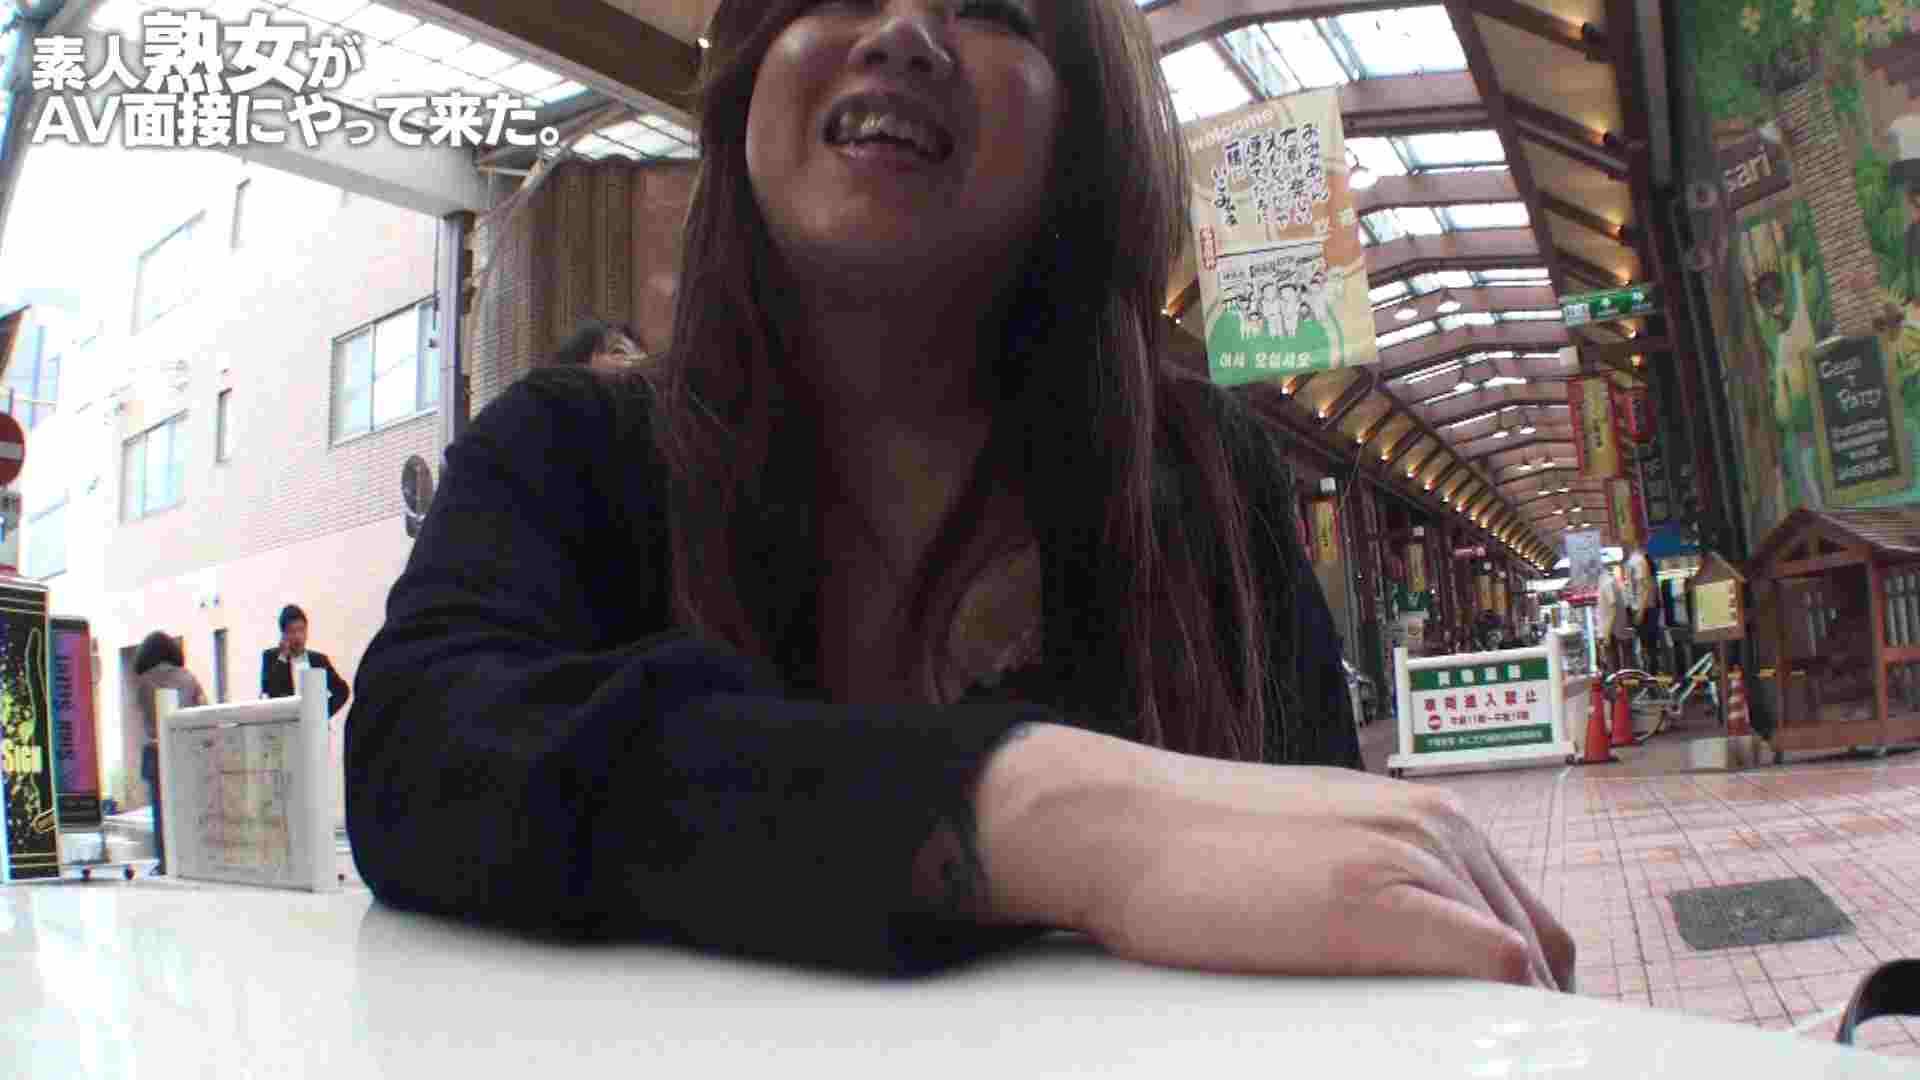 素人熟女がAV面接にやってきた (仮名)ゆかさんVOL.01 熟女 のぞき動画画像 71pic 58